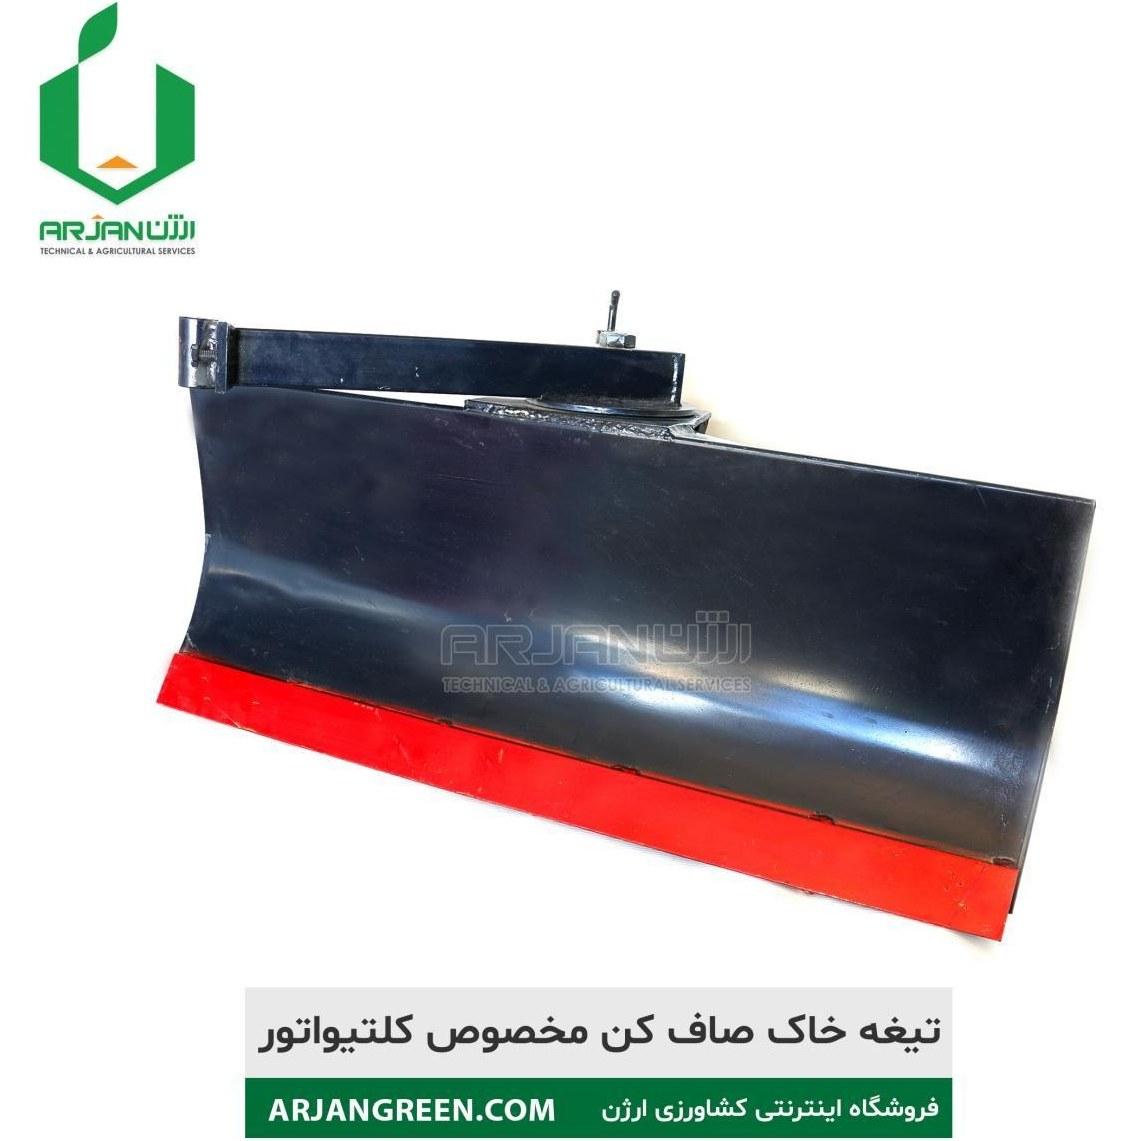 تیغه خاک صاف کن قابل نصب روی کلتیواتور